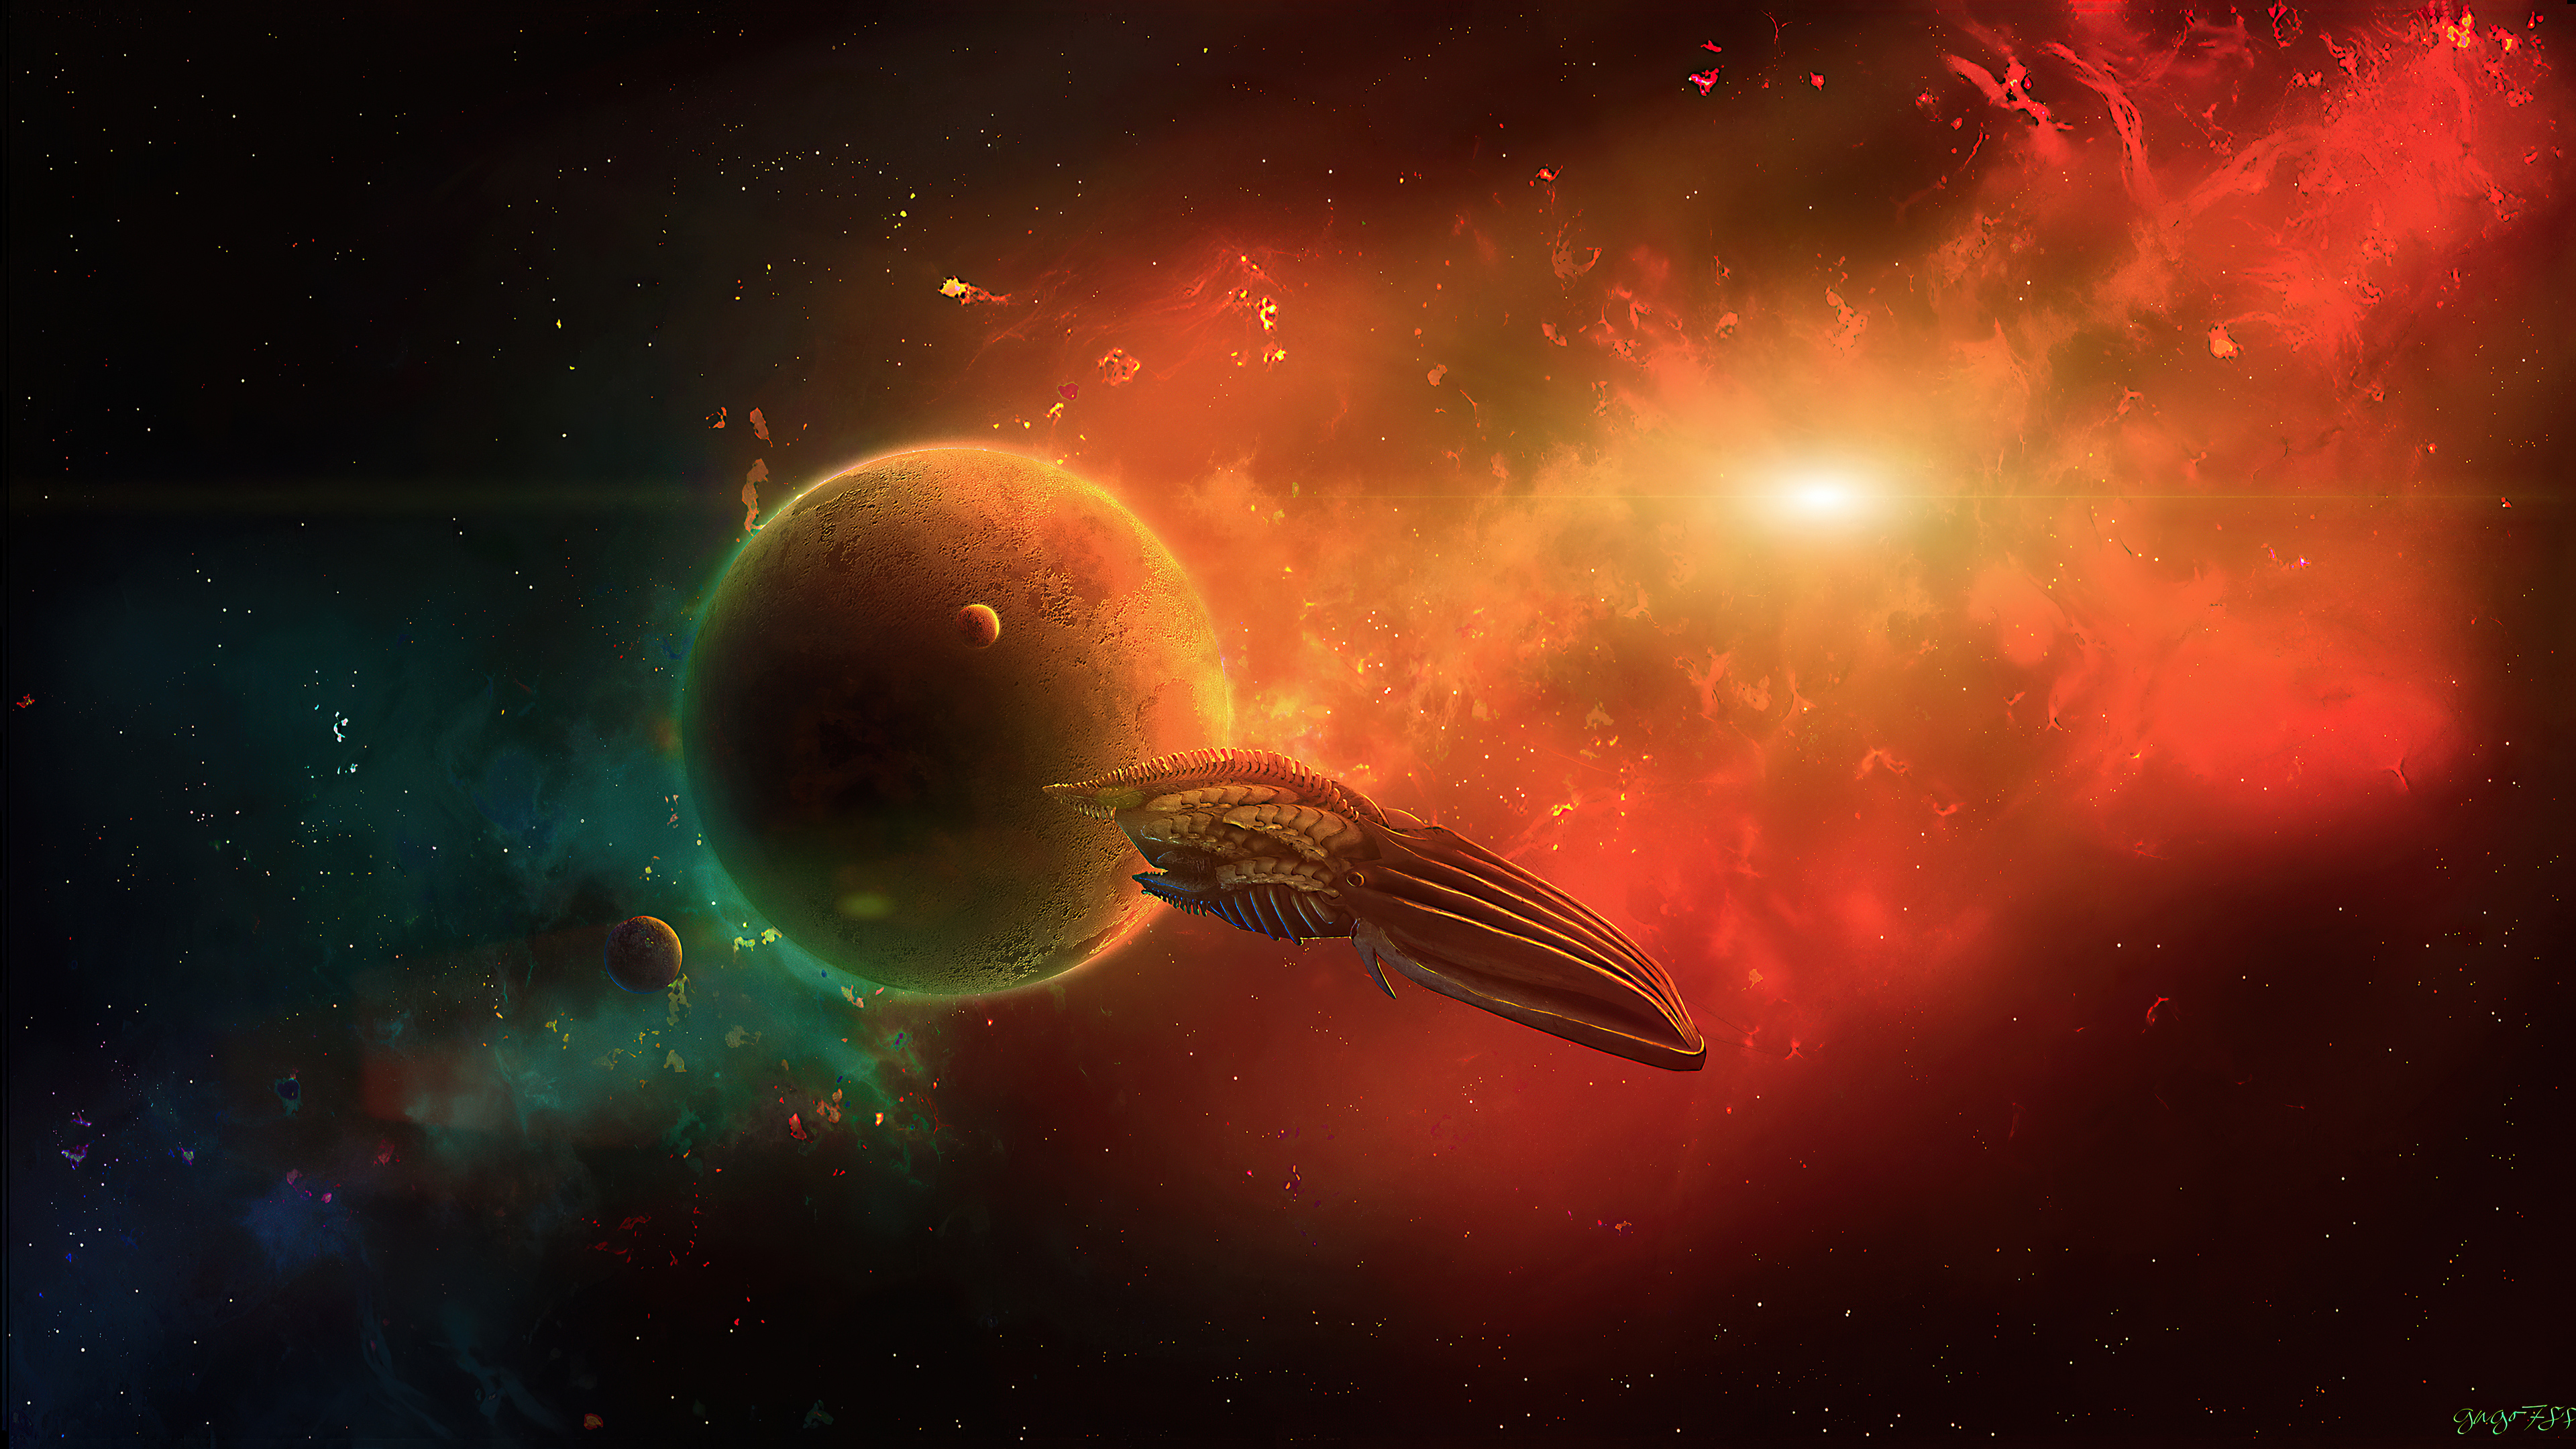 Fondos de pantalla Nave espacial en el universo